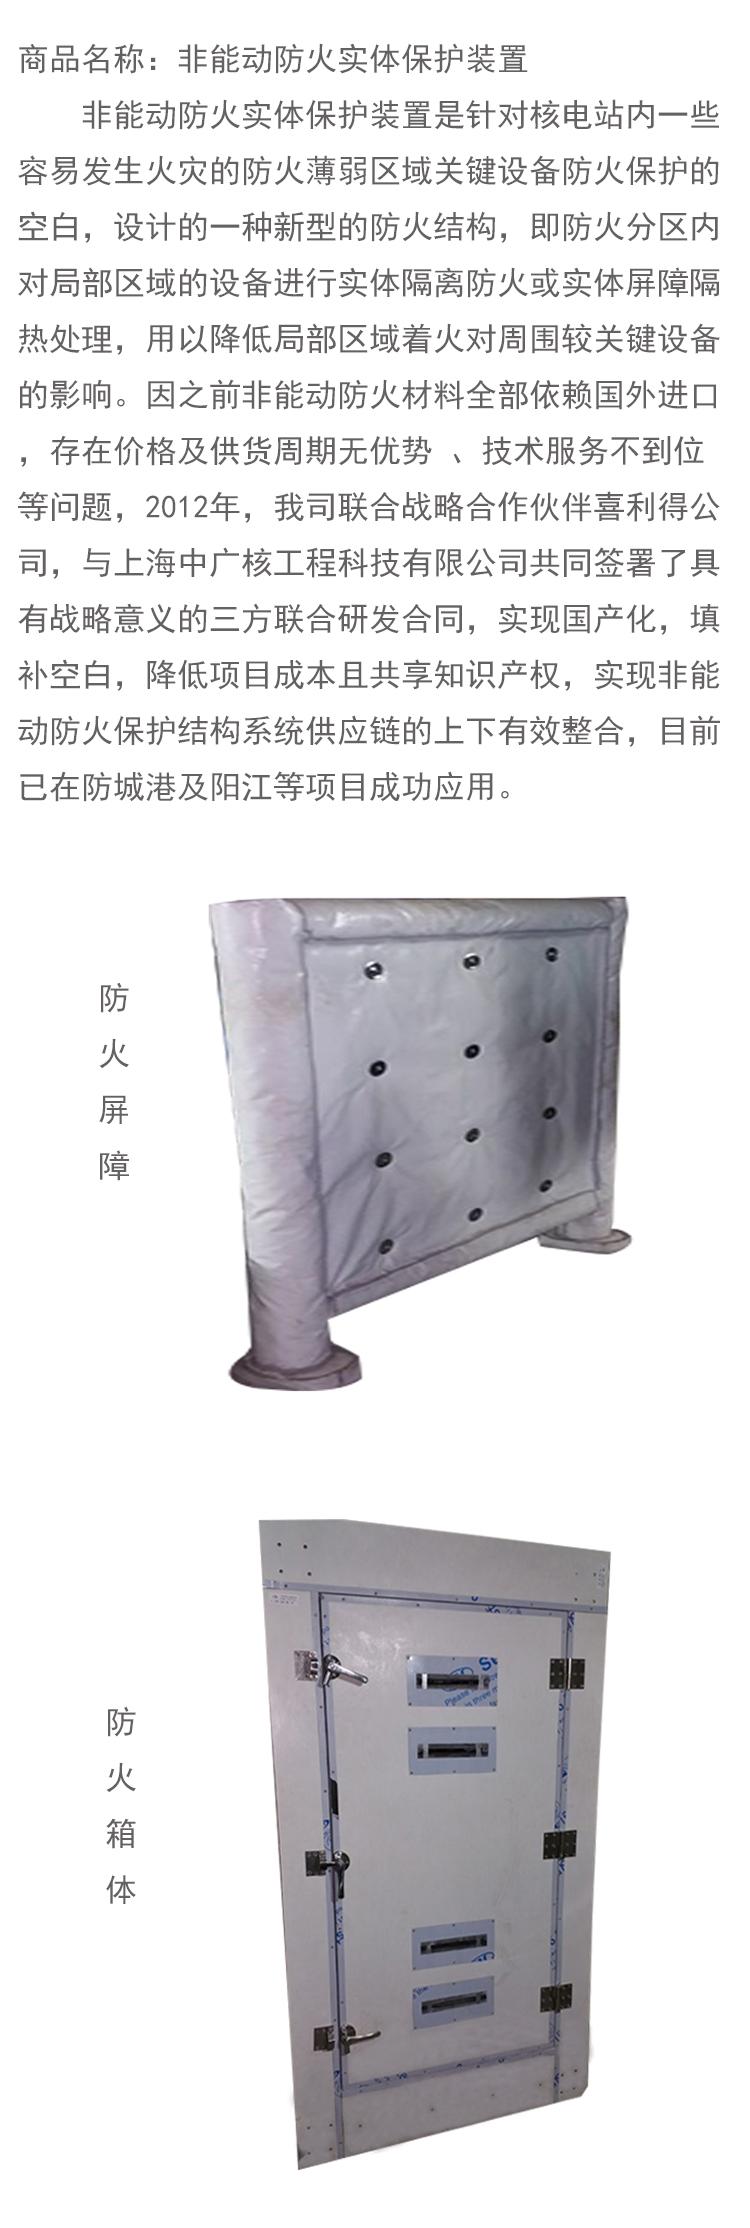 非能动防火CJ2.jpg